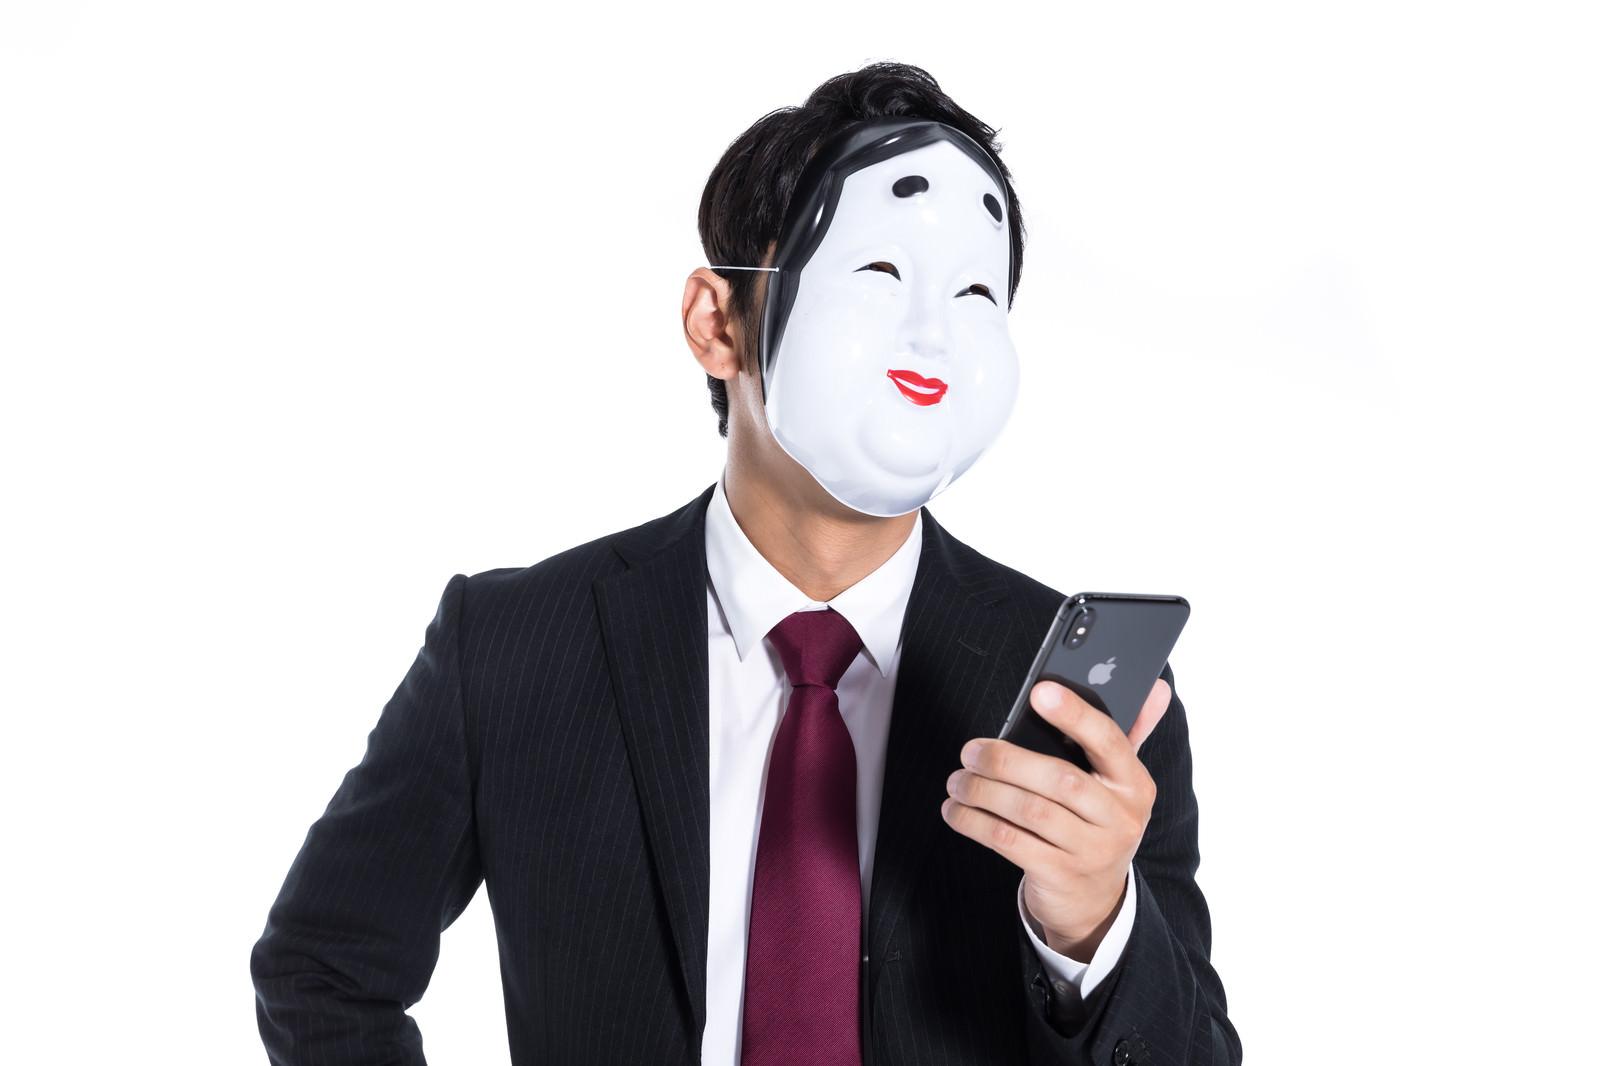 「クソリプを送る匿名ユーザー」の写真[モデル:大川竜弥]